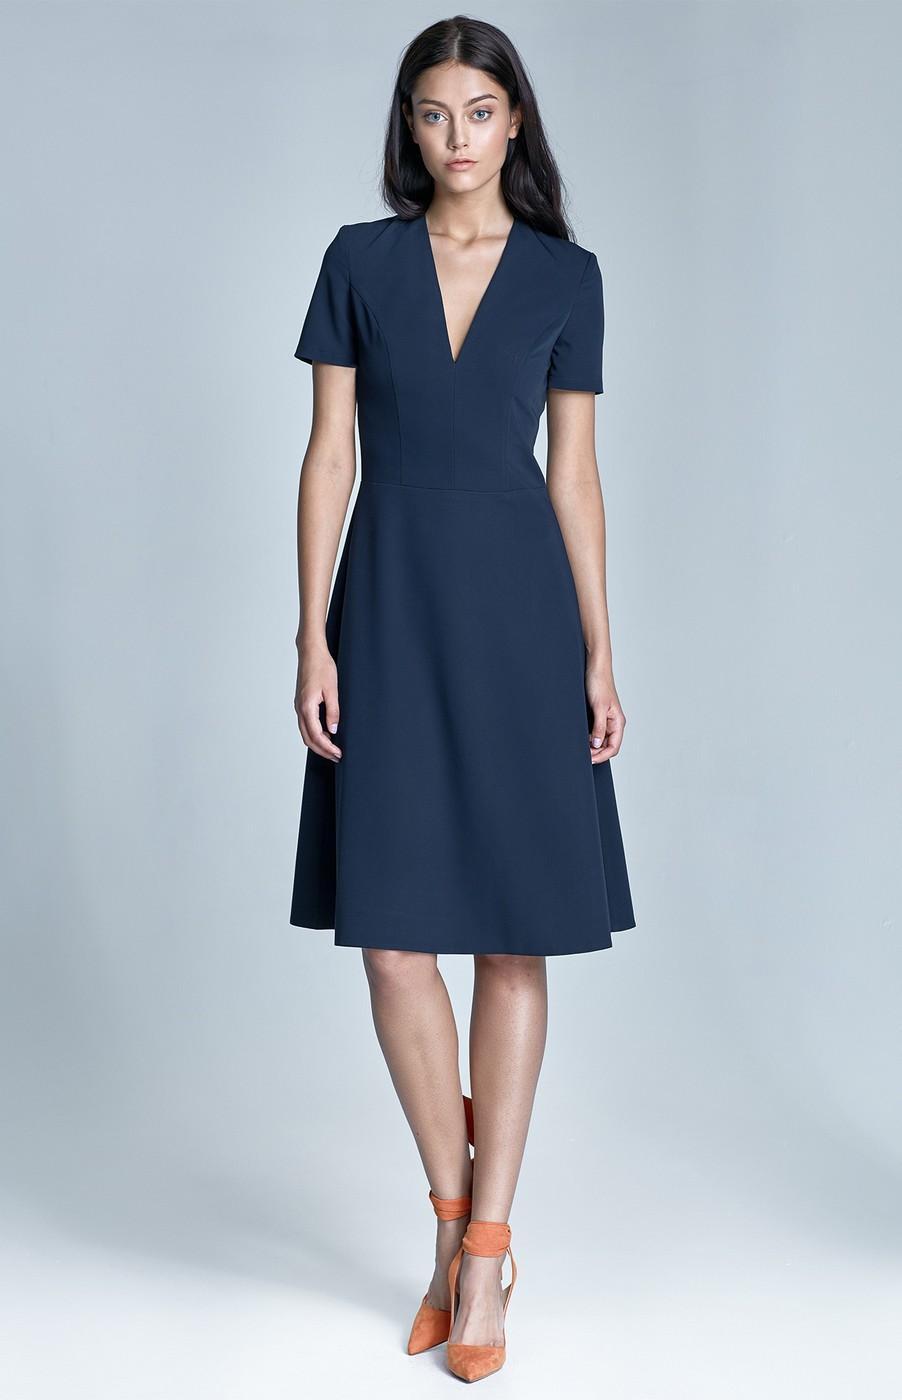 Robe bleu marine manche courte